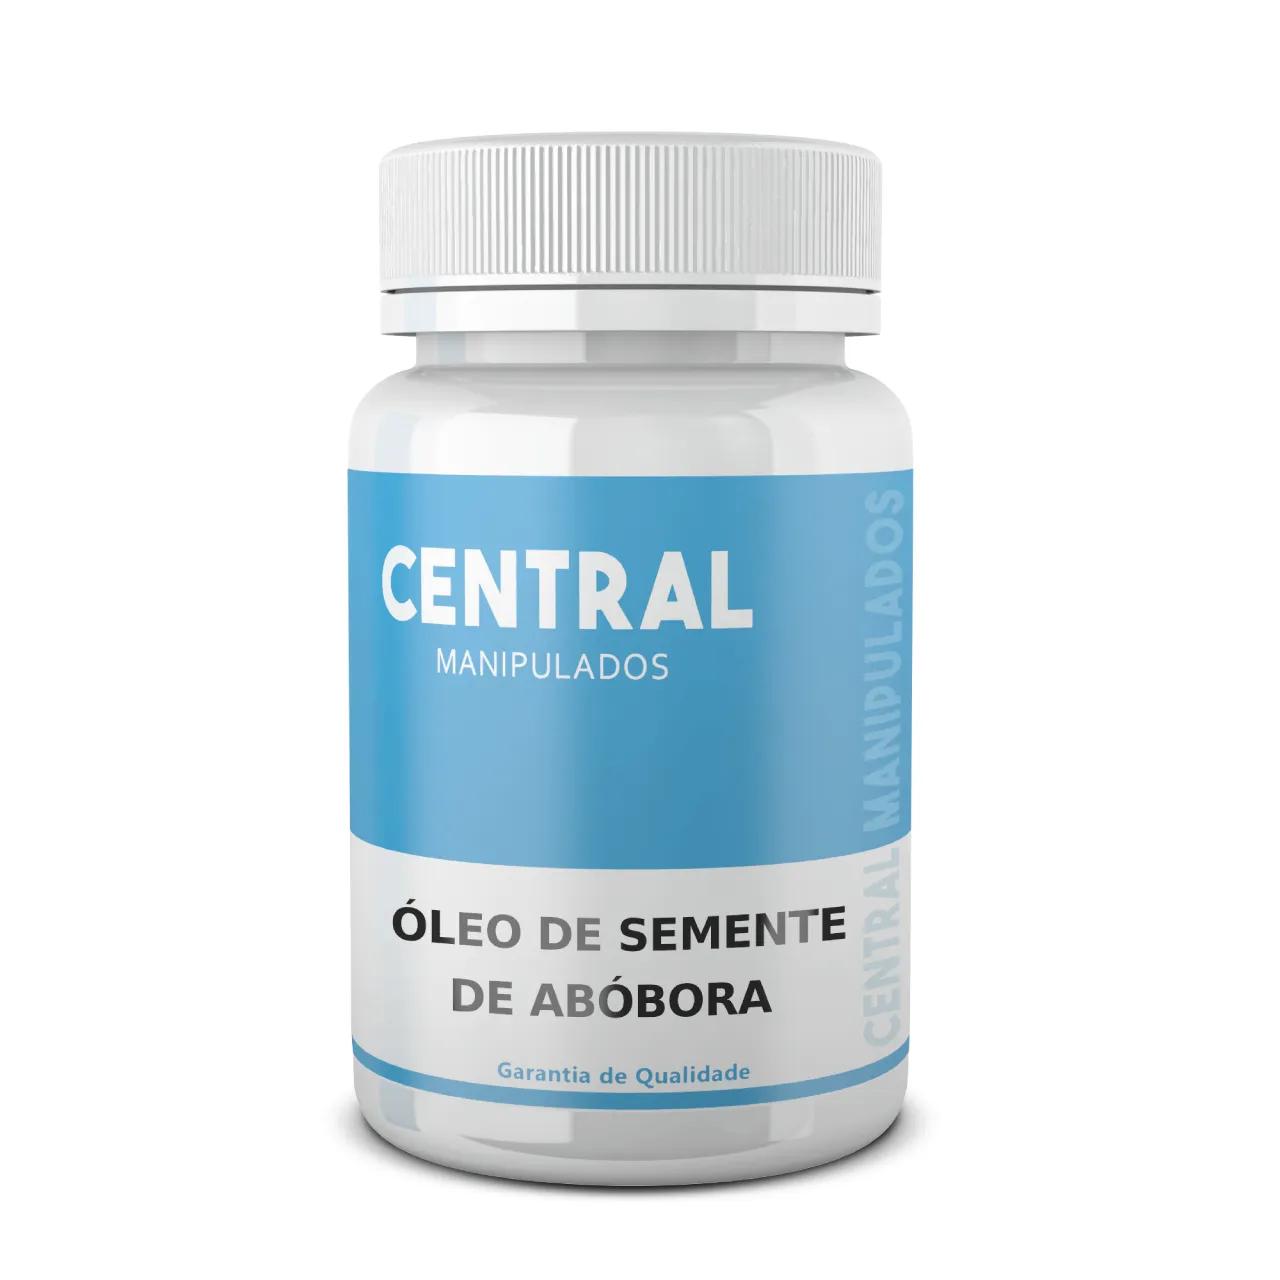 Óleo de Semente de Abóbora 500mg - 60 Cápsulas - Auxilia e previne a queda de cabelo, antiinflamatório e vermífugo natural, detox do corpo